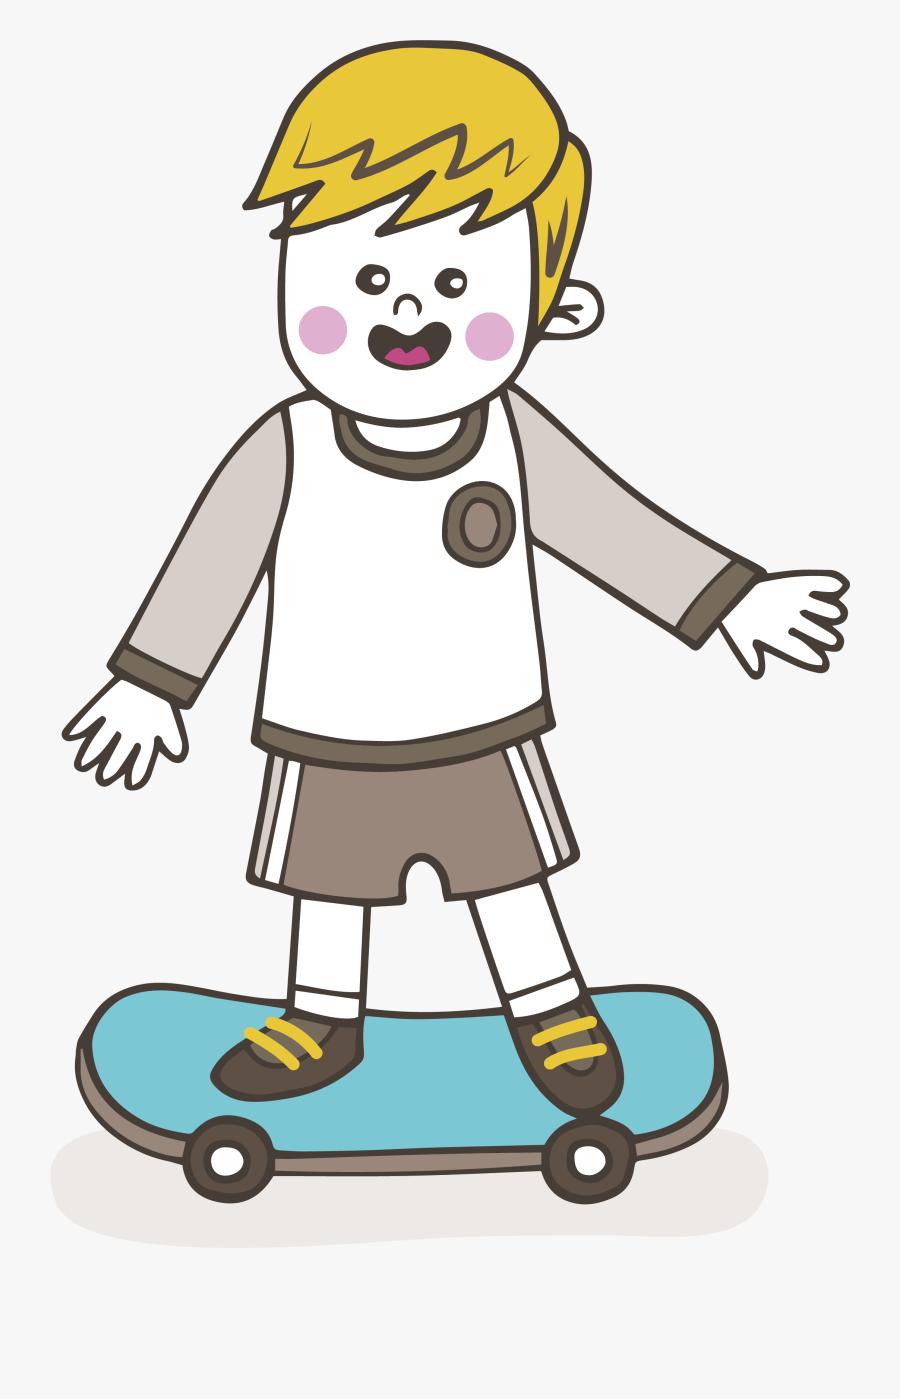 Clip Art Cartoon Skateboarding Clip Art - Skater Boy Cartoon Png, Transparent Clipart